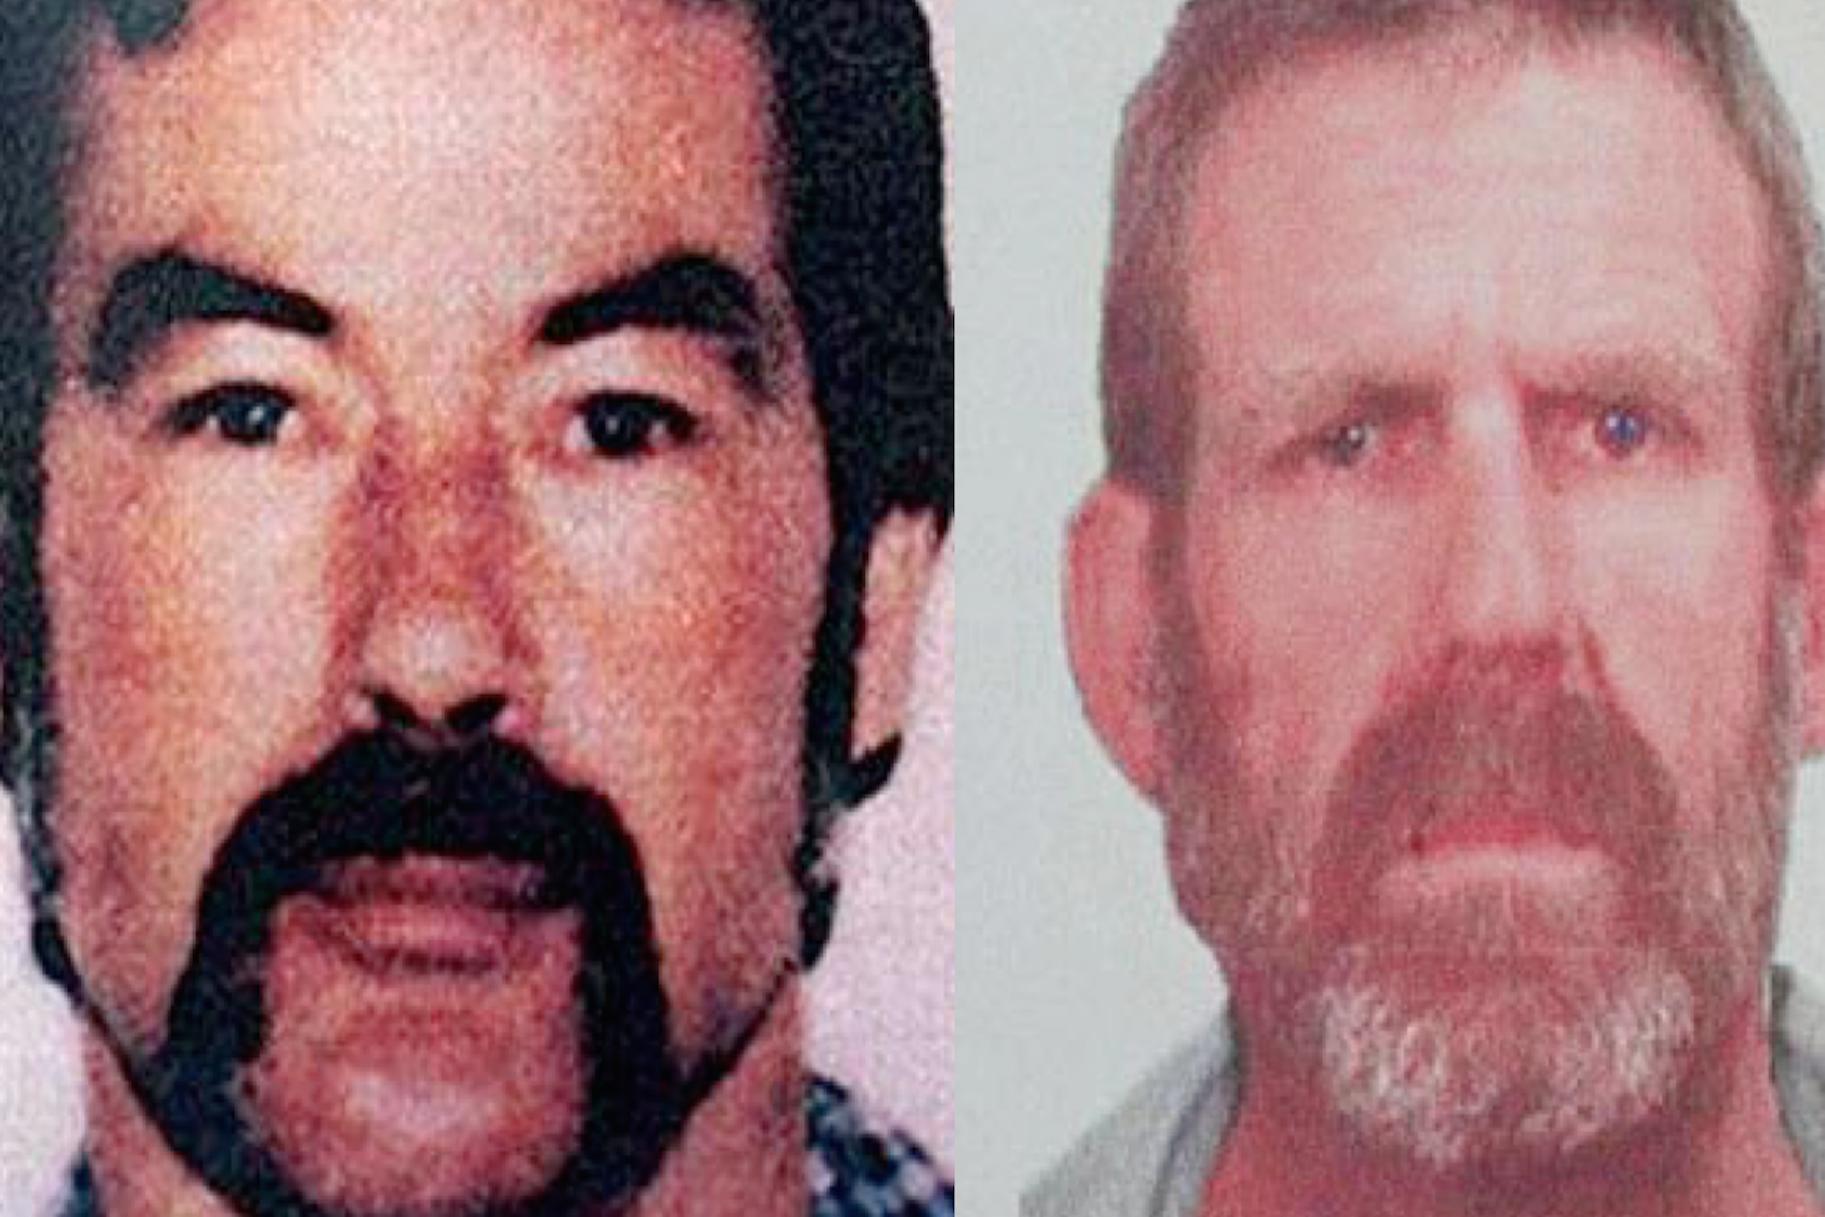 Las espeluznantes historias de crímenes reales detrás de la infame película de terror australiana 'Wolf Creek'